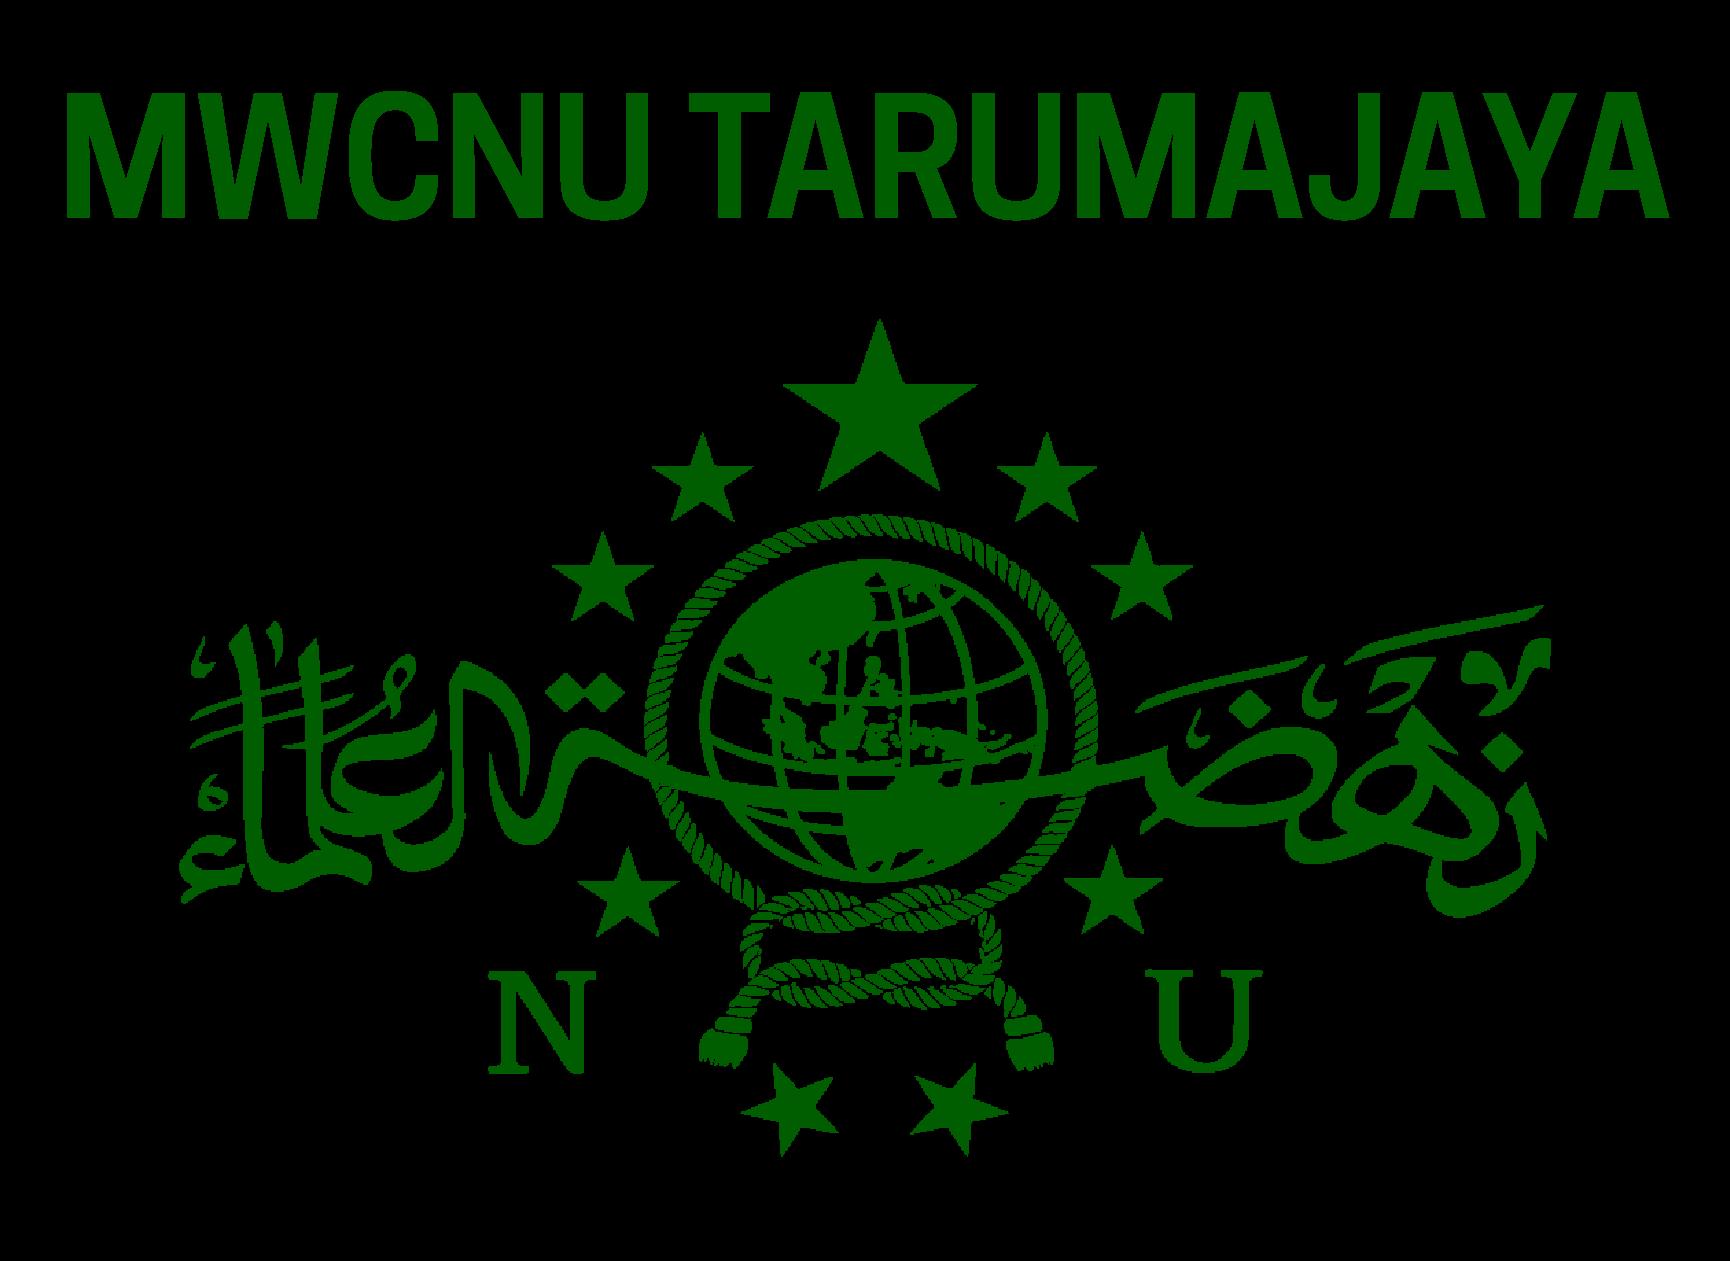 MWCNU Tarumajaya